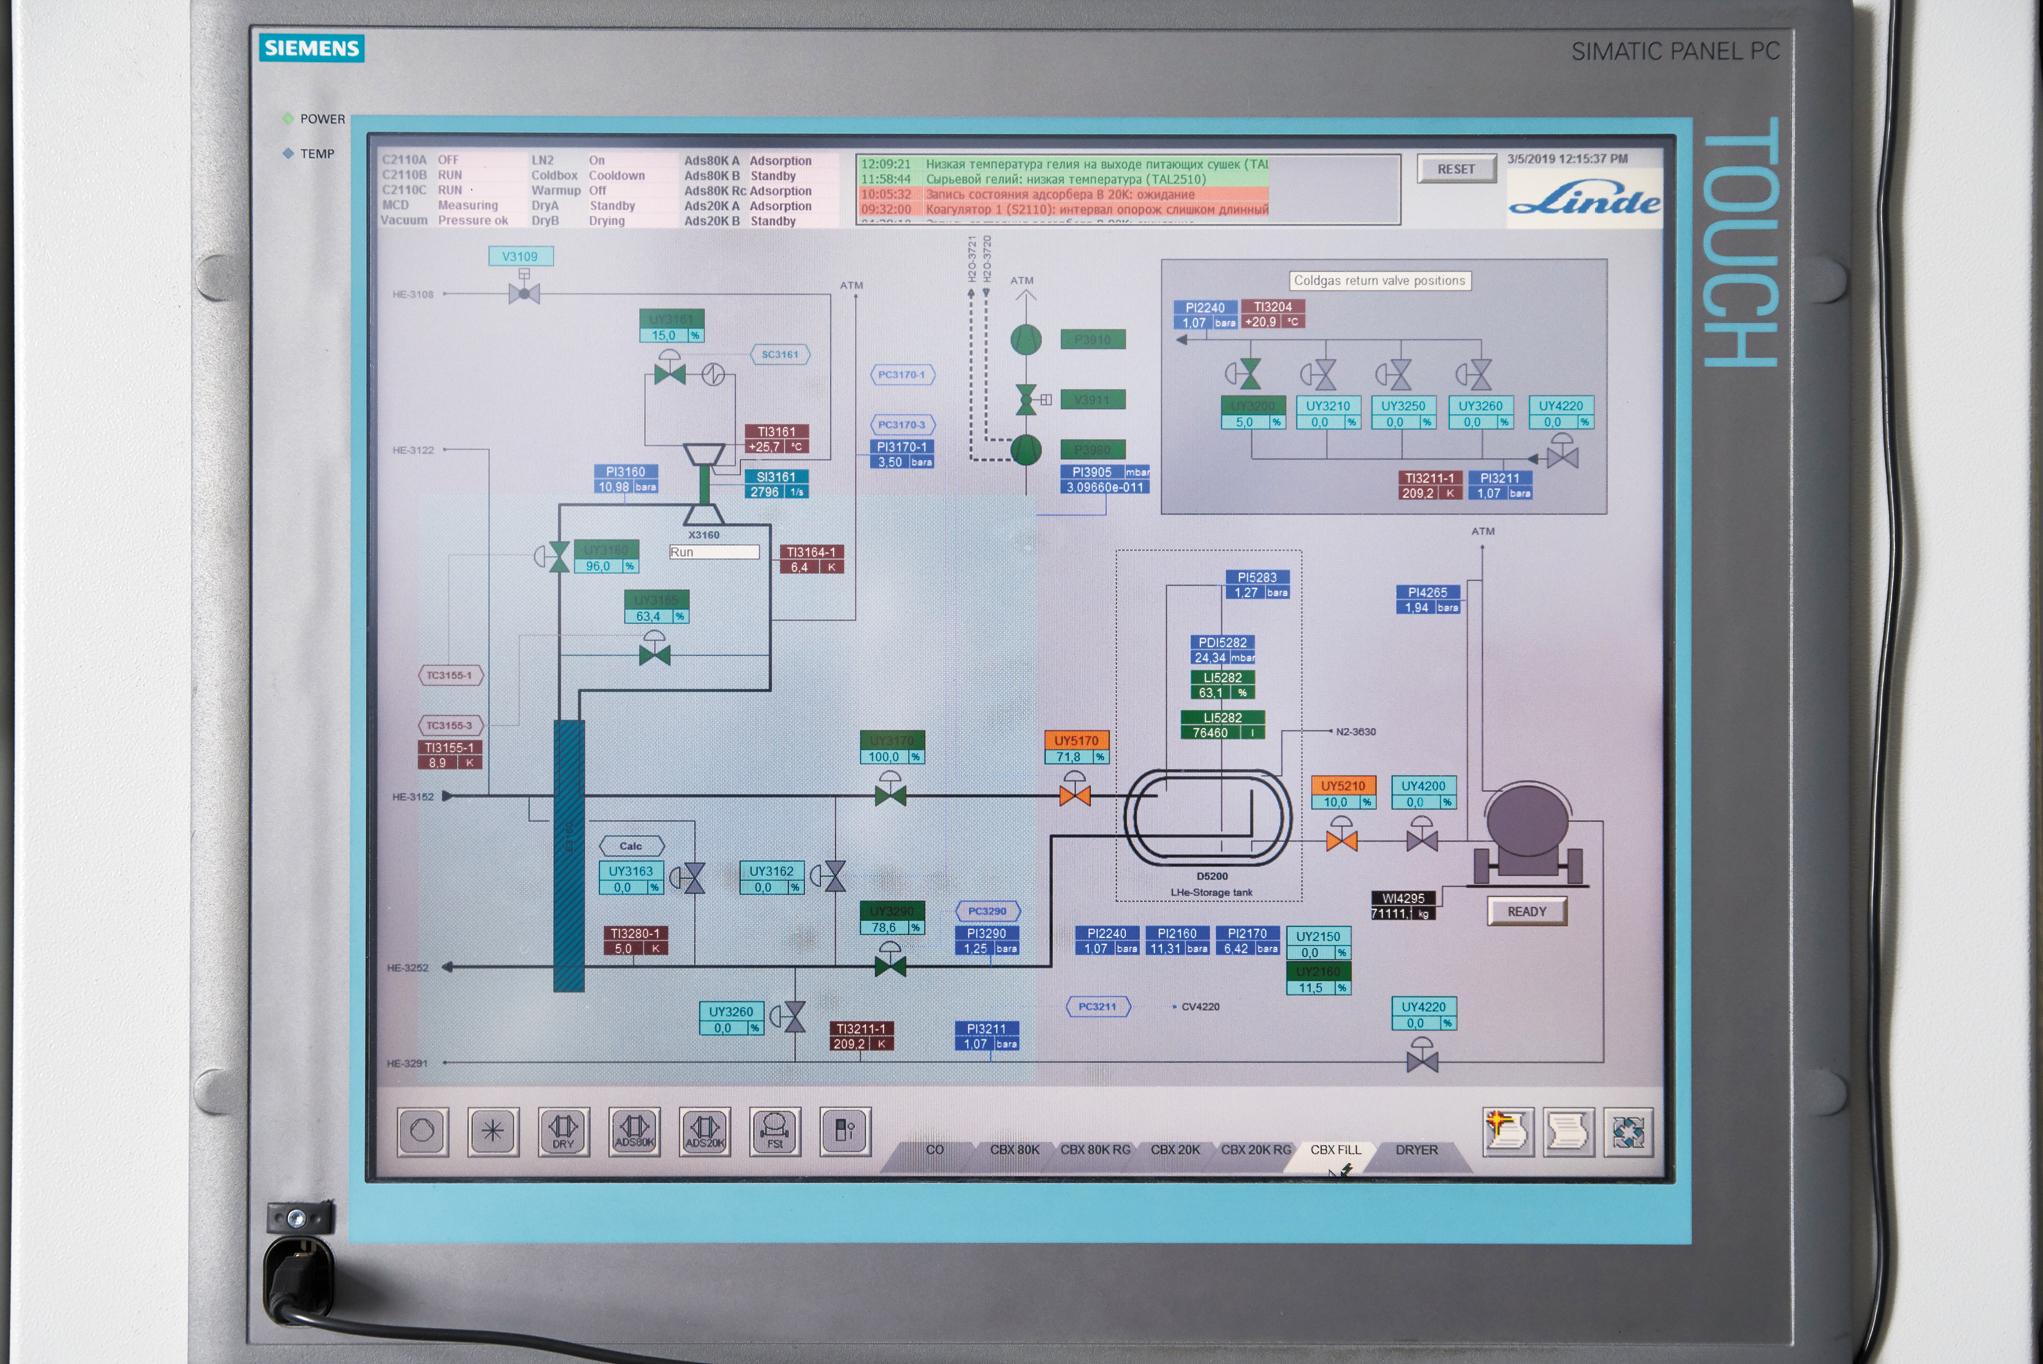 Одна из новейших разработок в области автоматизации, которая используется на передовых предприятиях по всему миру, — визуализированная система автоматического управления установкой